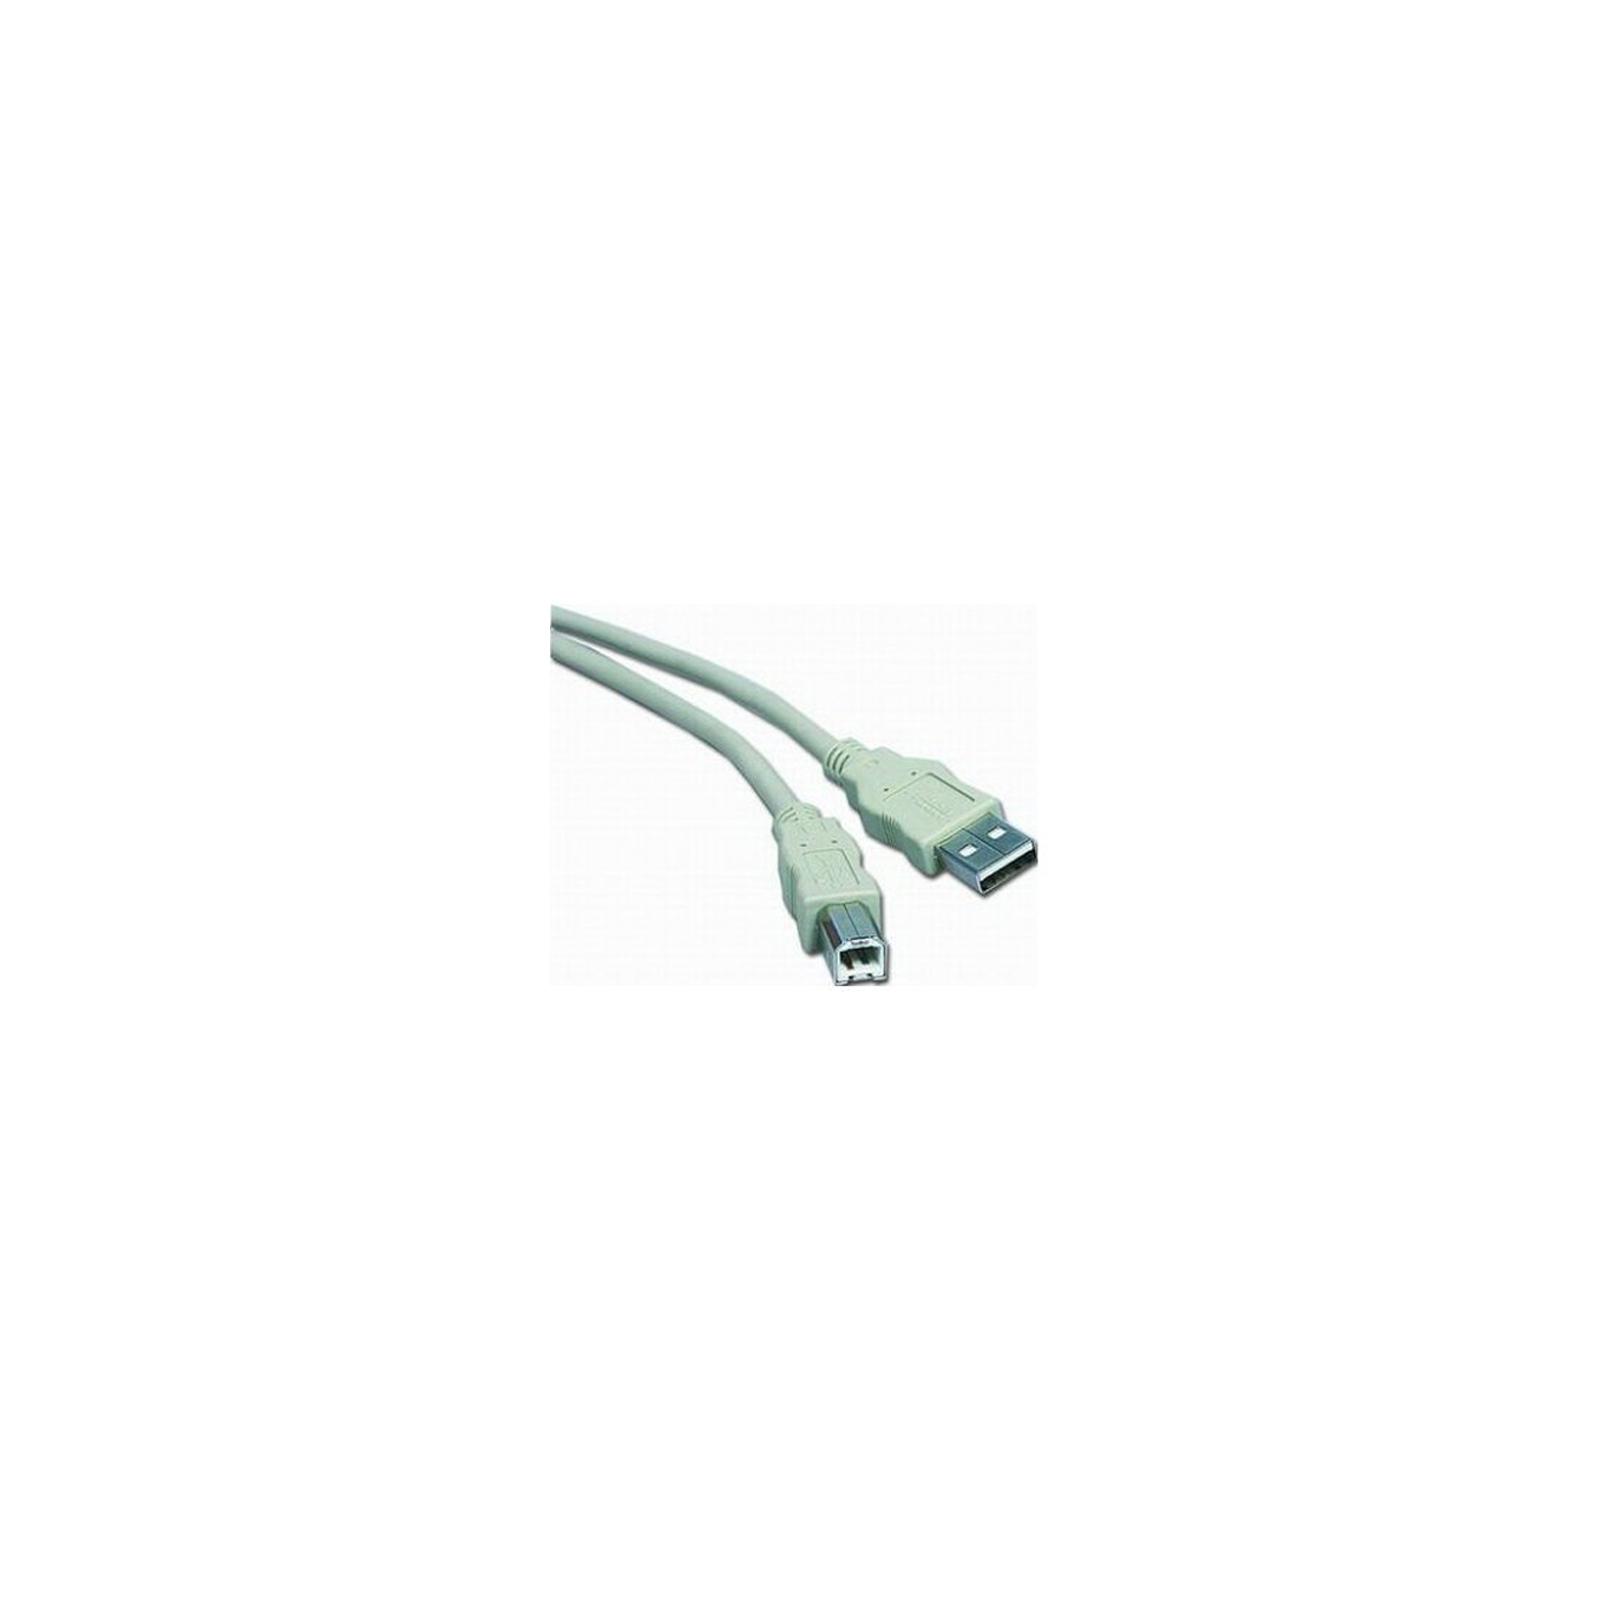 Кабель для принтера Cablexpert USB 2.0 AM/BM 4.5m (CCB-USB2-AMBM-15)